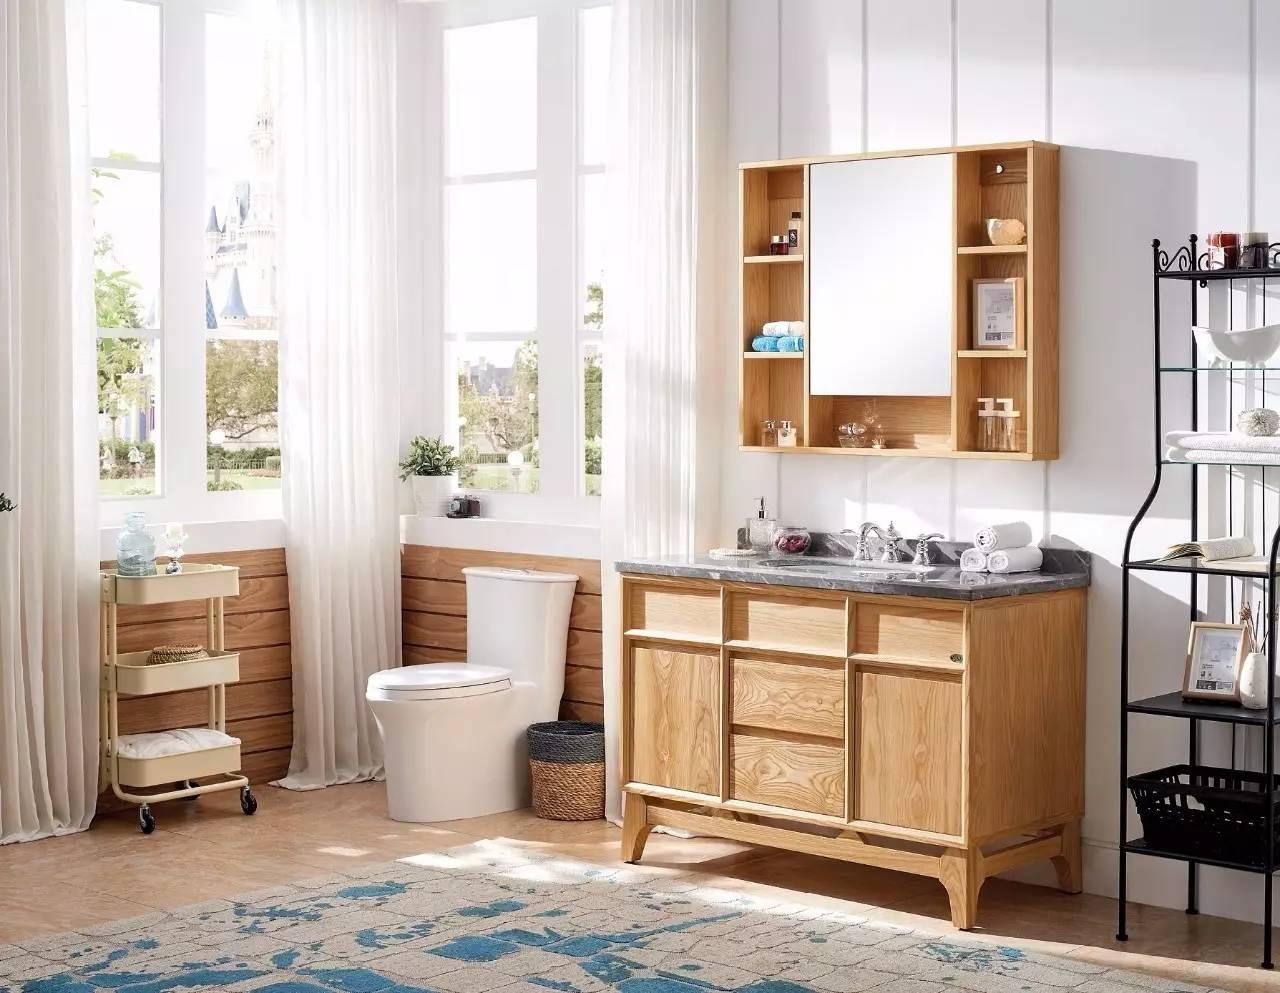 关于北欧风格浴室柜的产品知识清单图片